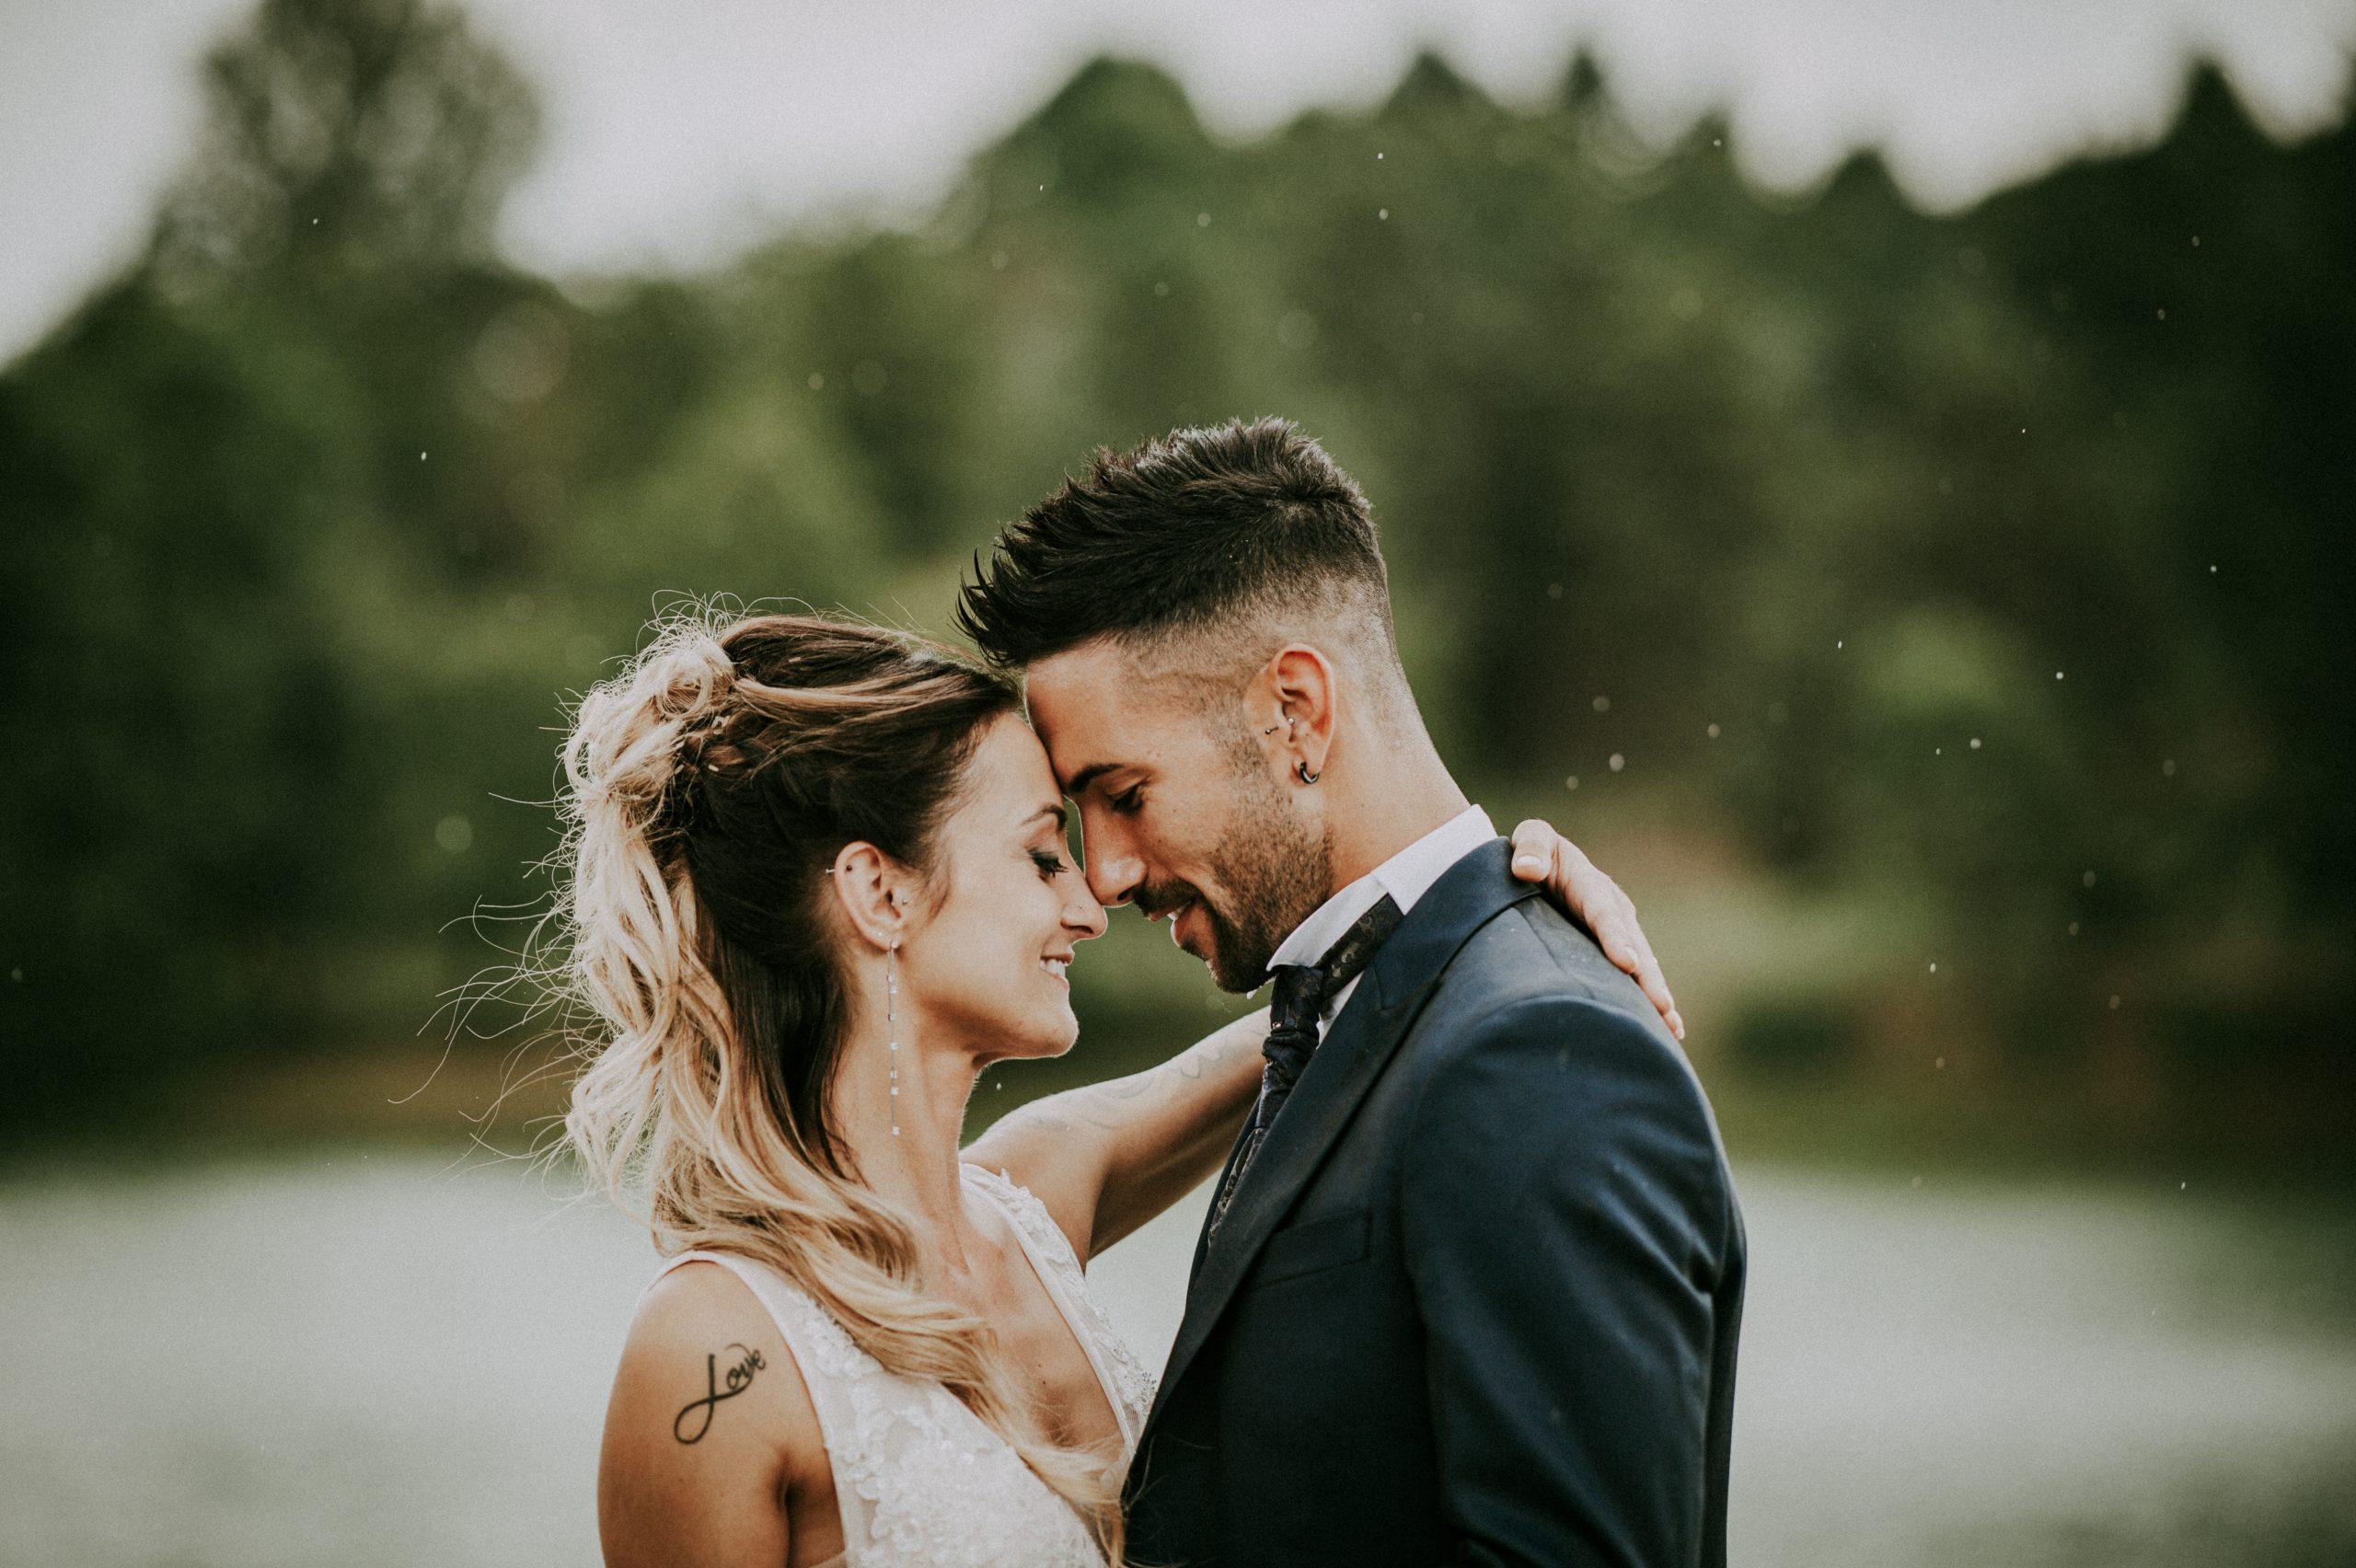 Un momento romantico per una bellissima coppia di sposi nel Mugello a Villa di corte. Massimiliano Santoni Fotografo di Matrimonio